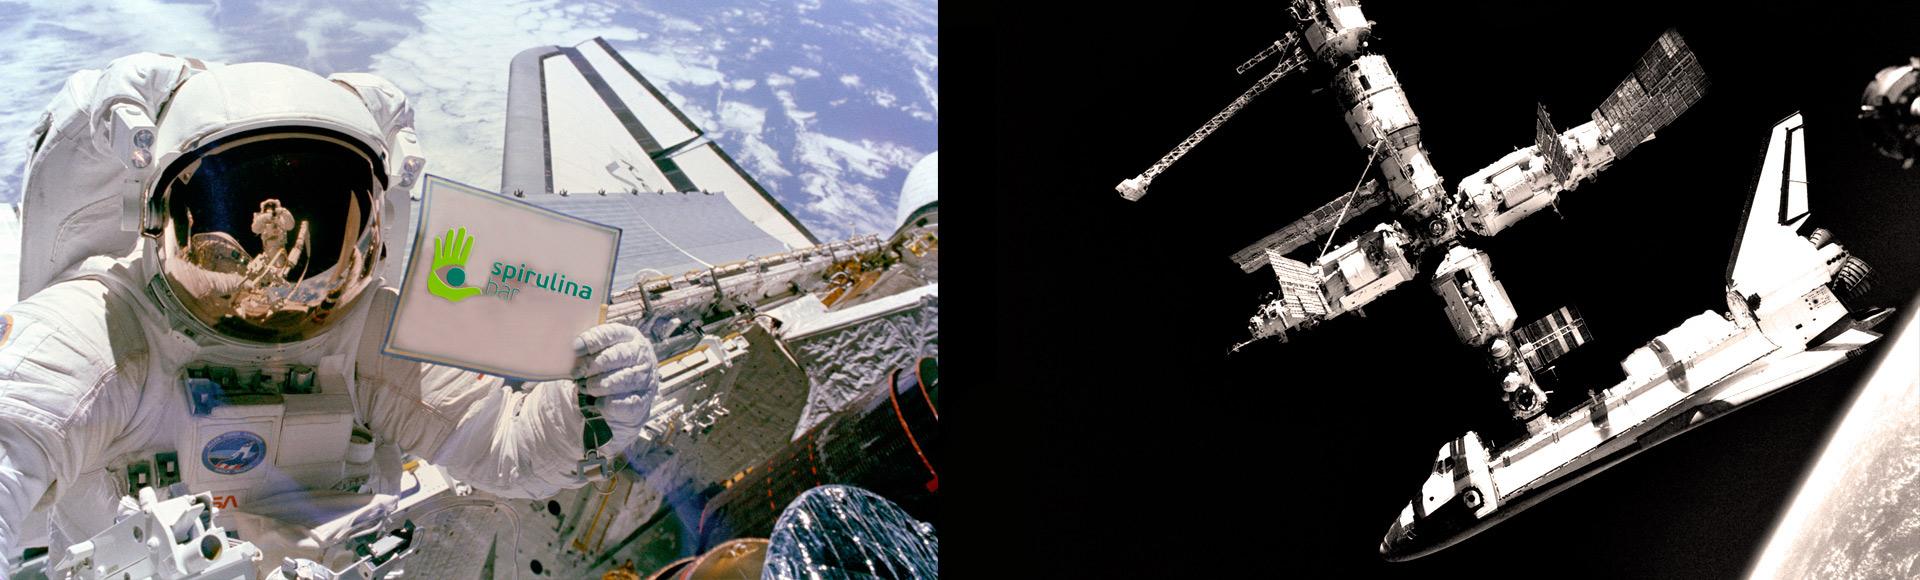 Почему СПИРУЛИНУ едят Космонавты?